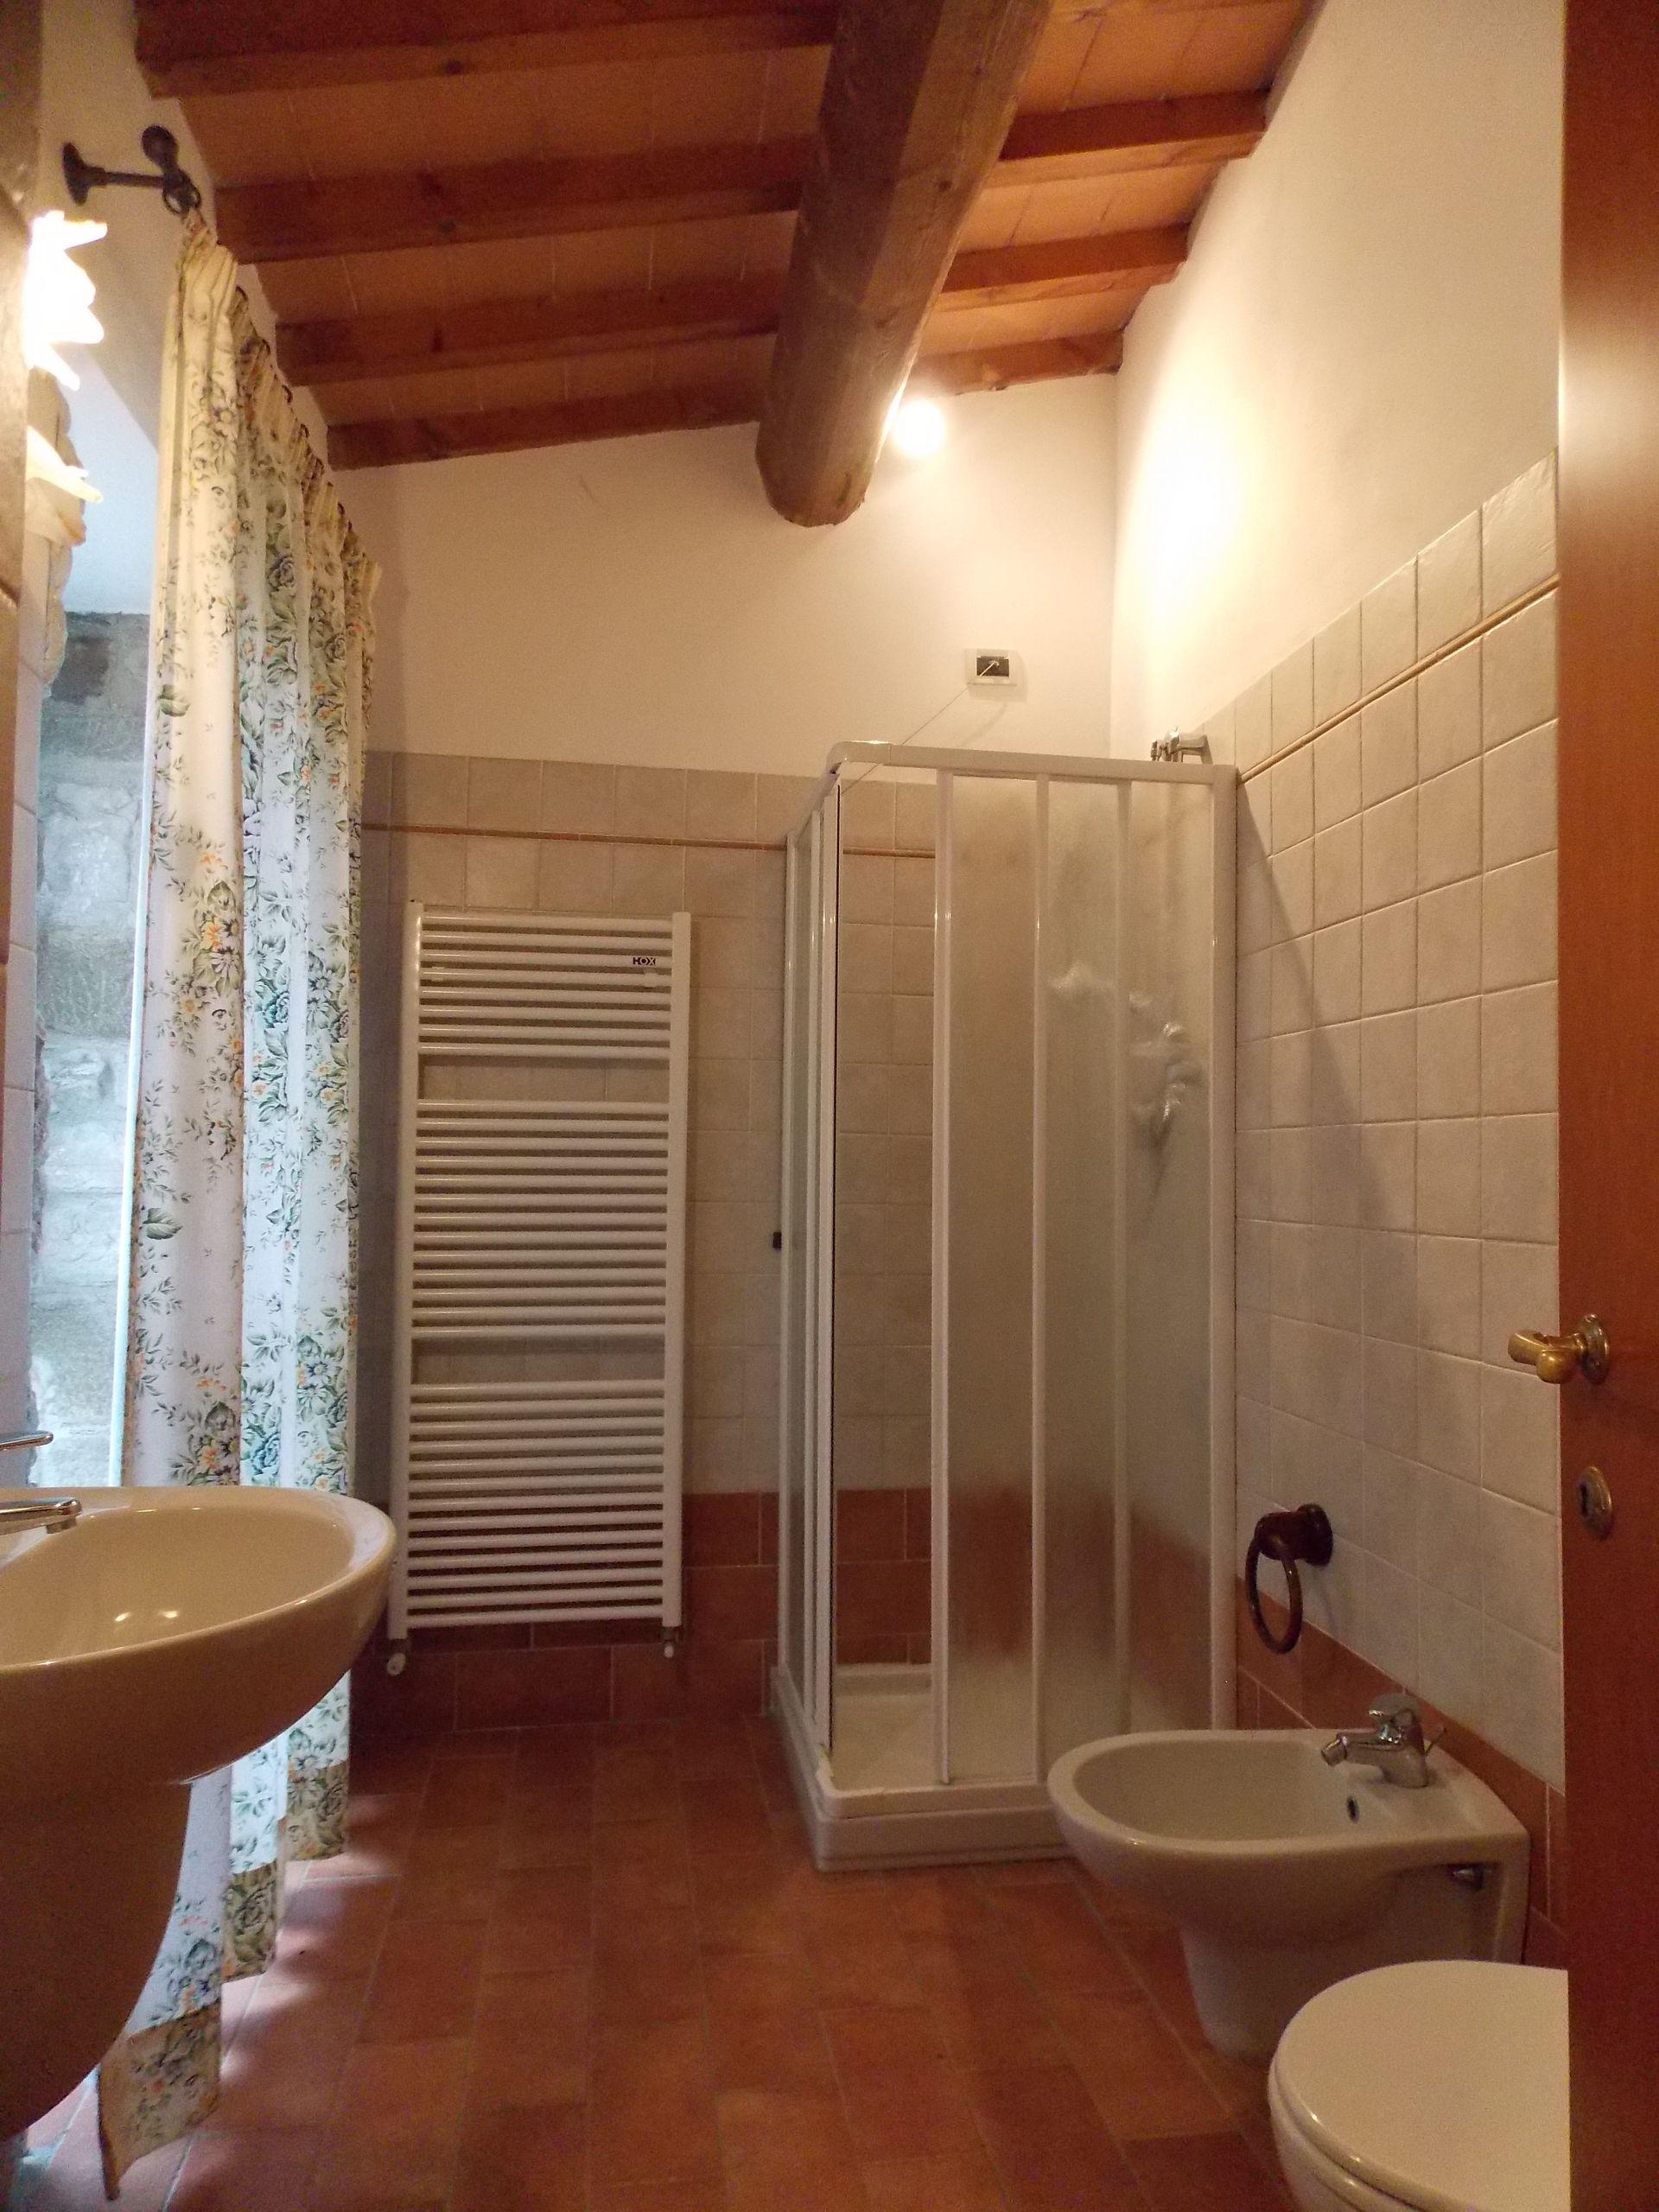 podere schignano - ferienhäuser toskana für personen mit, Badezimmer ideen